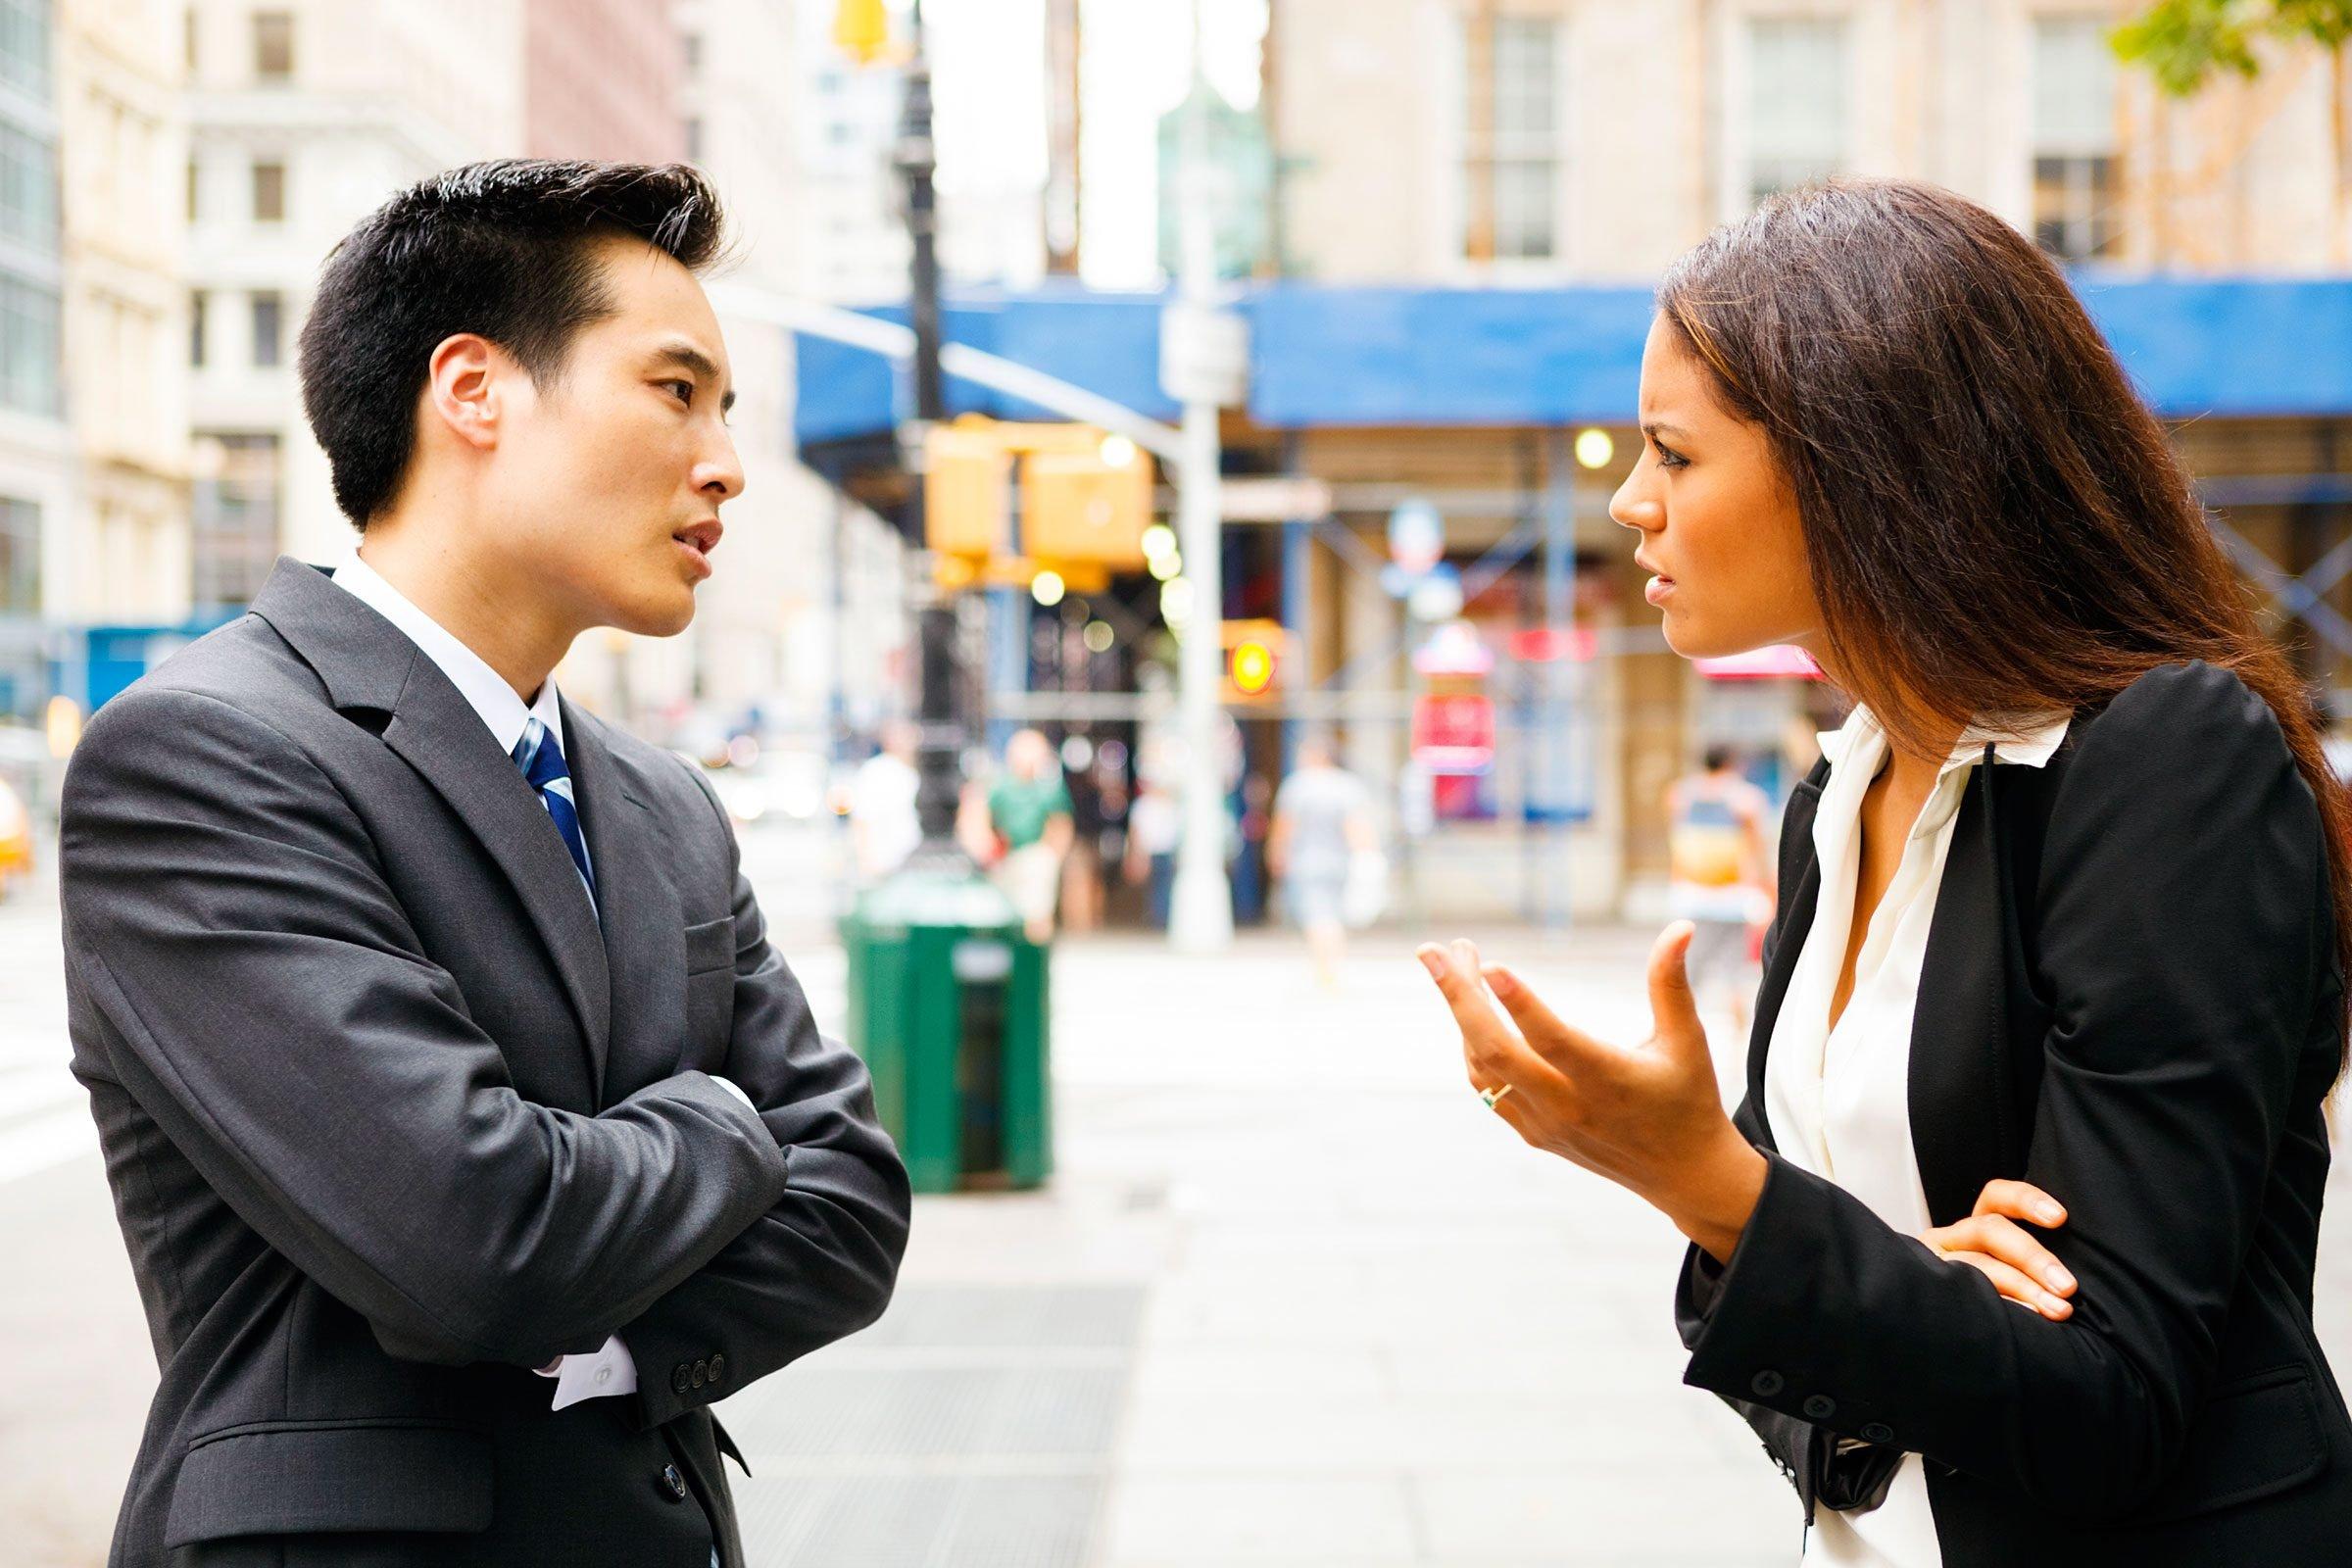 05-sabotage-apology-couple-fighting Jika 9 Masalah Ini Terjadi Pada Kamu dan Pasangan, Yakin Masih Mau Mempertahankan Hubungan?